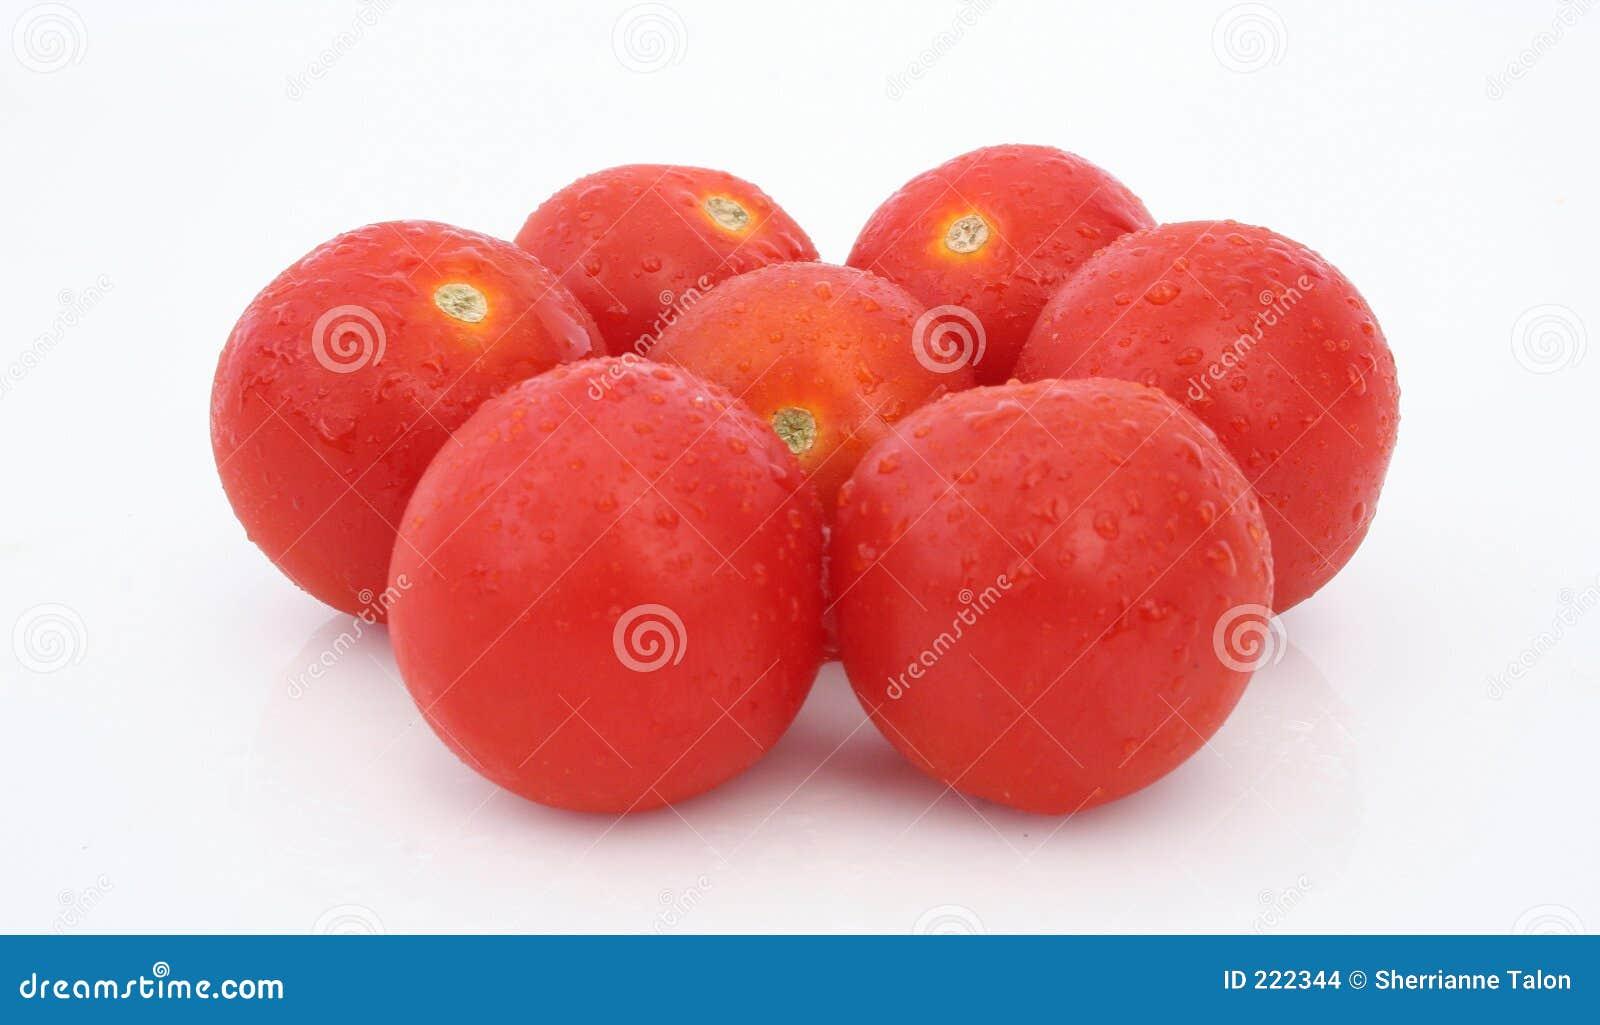 Pomodori di ciliegia